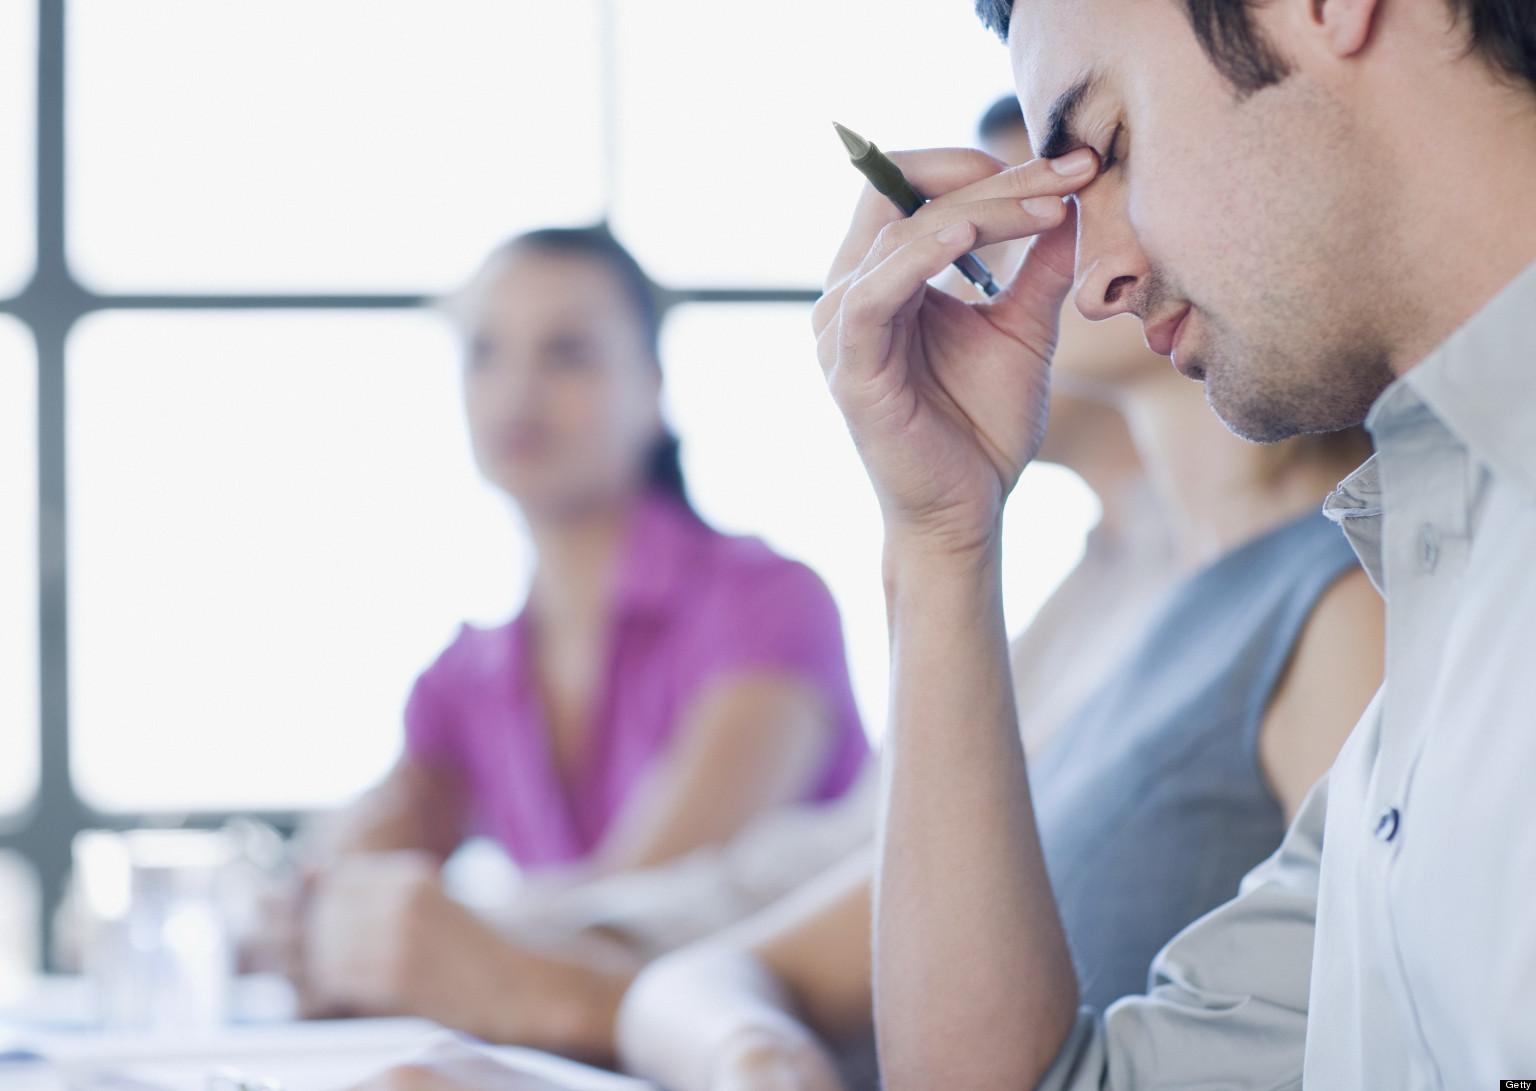 شاب يعاني من الإجهاد خلال العمل